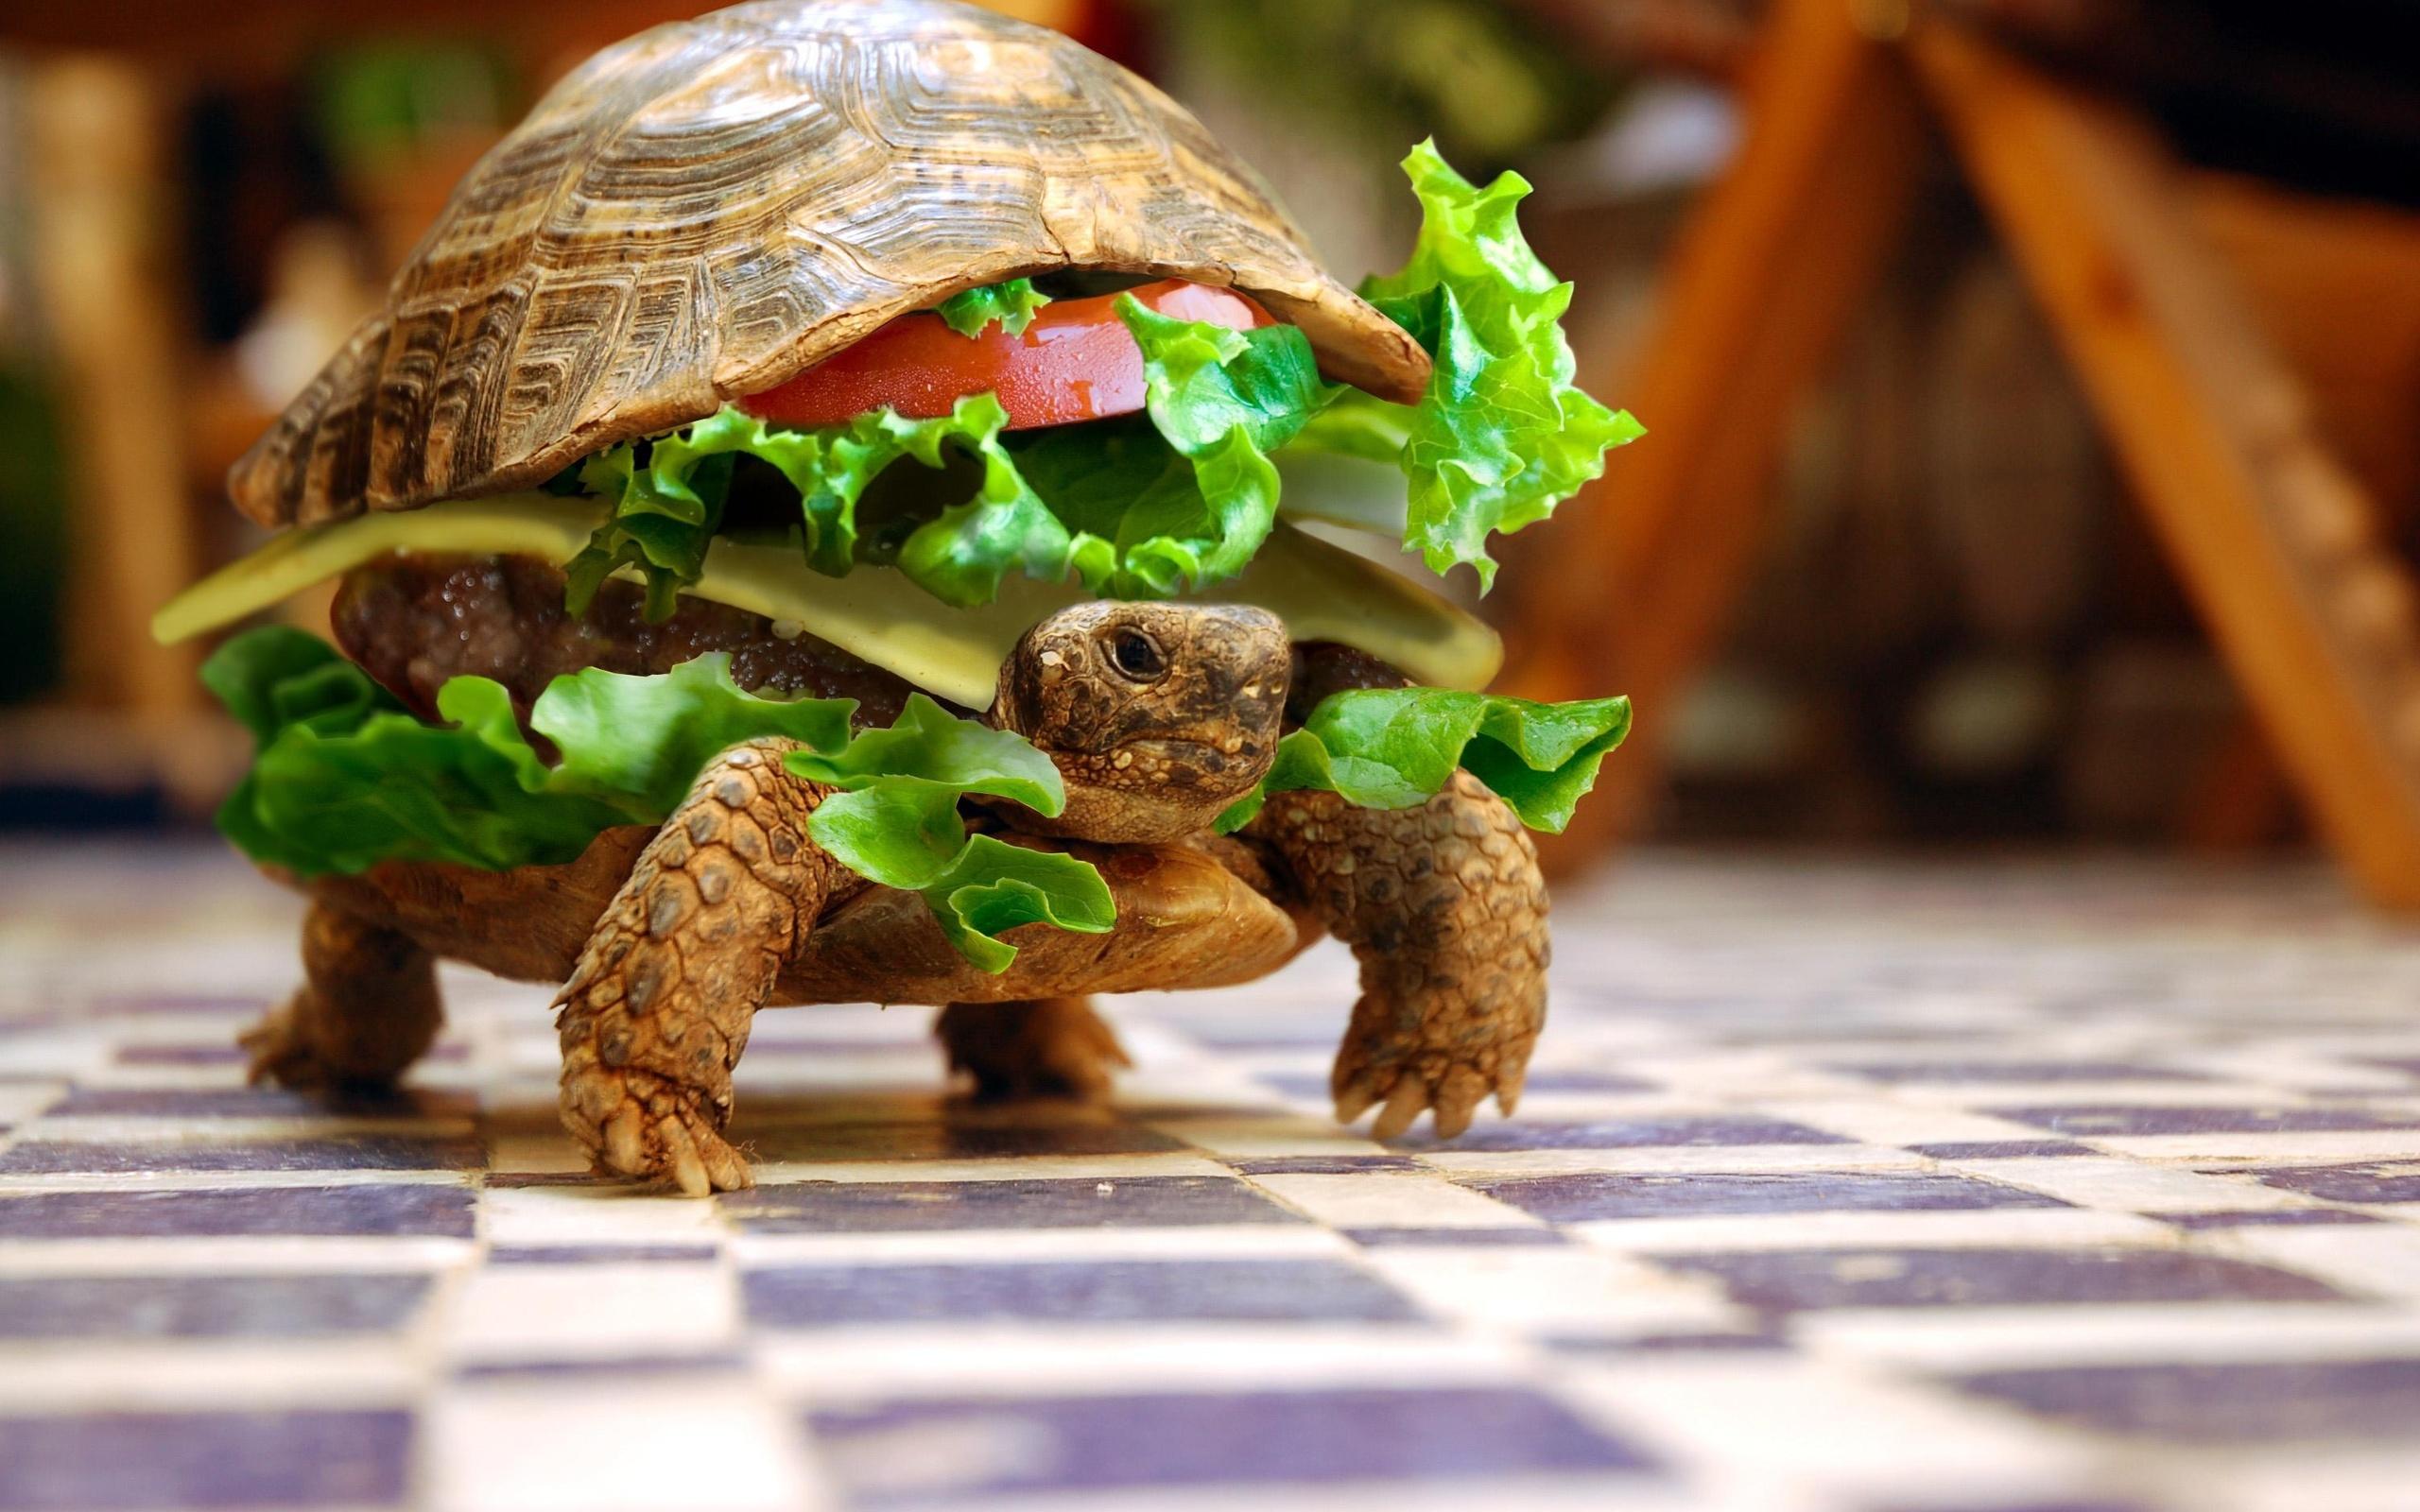 Funny Tortoise Wallpaper